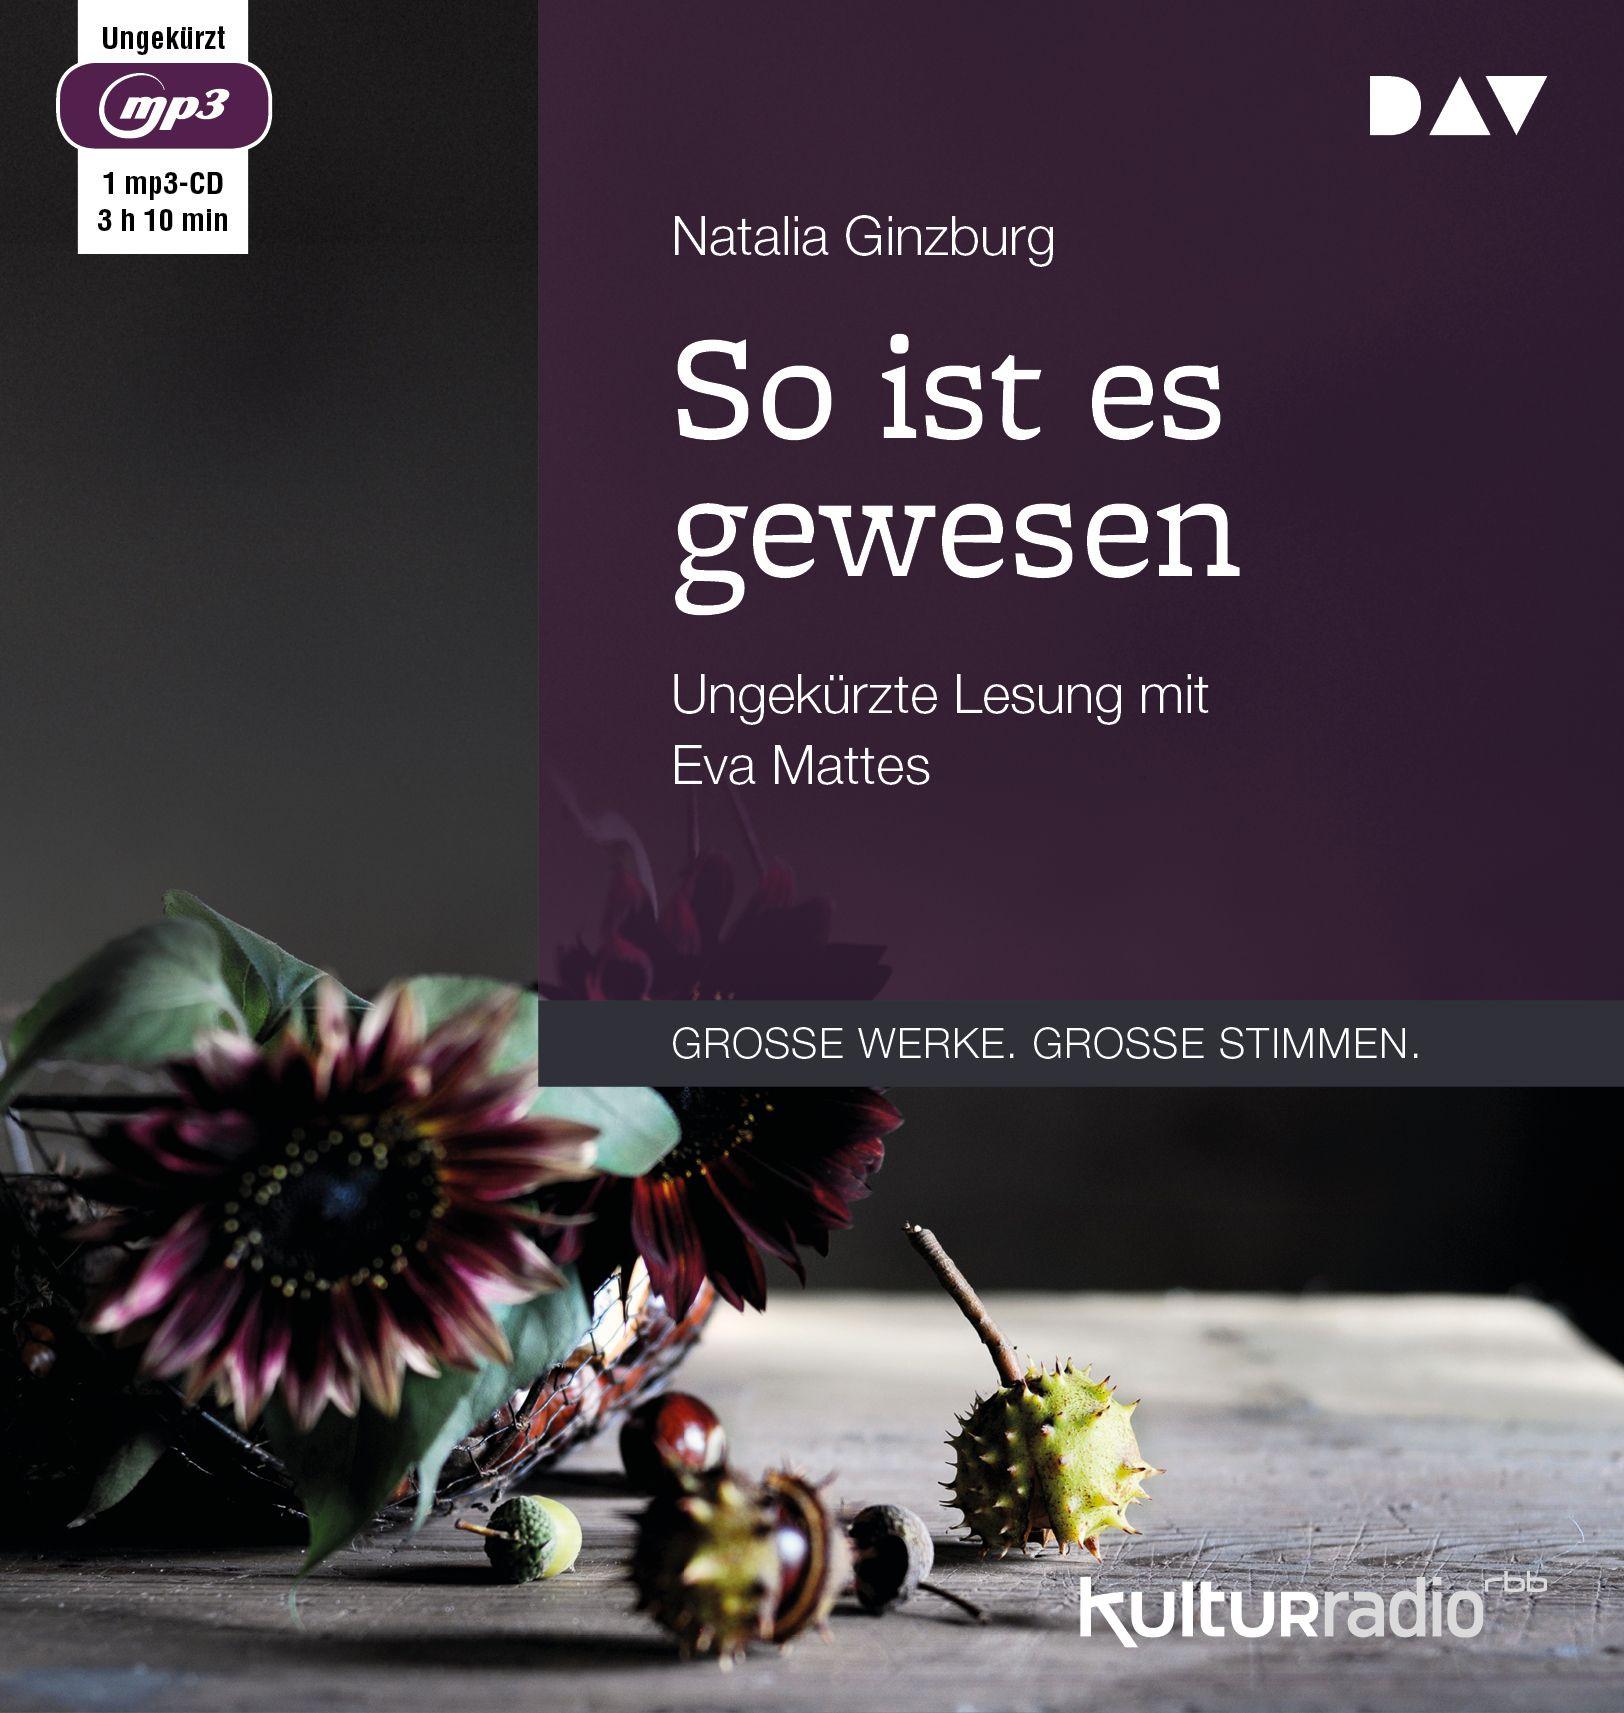 Natalia Ginzburg - So ist es gewesen